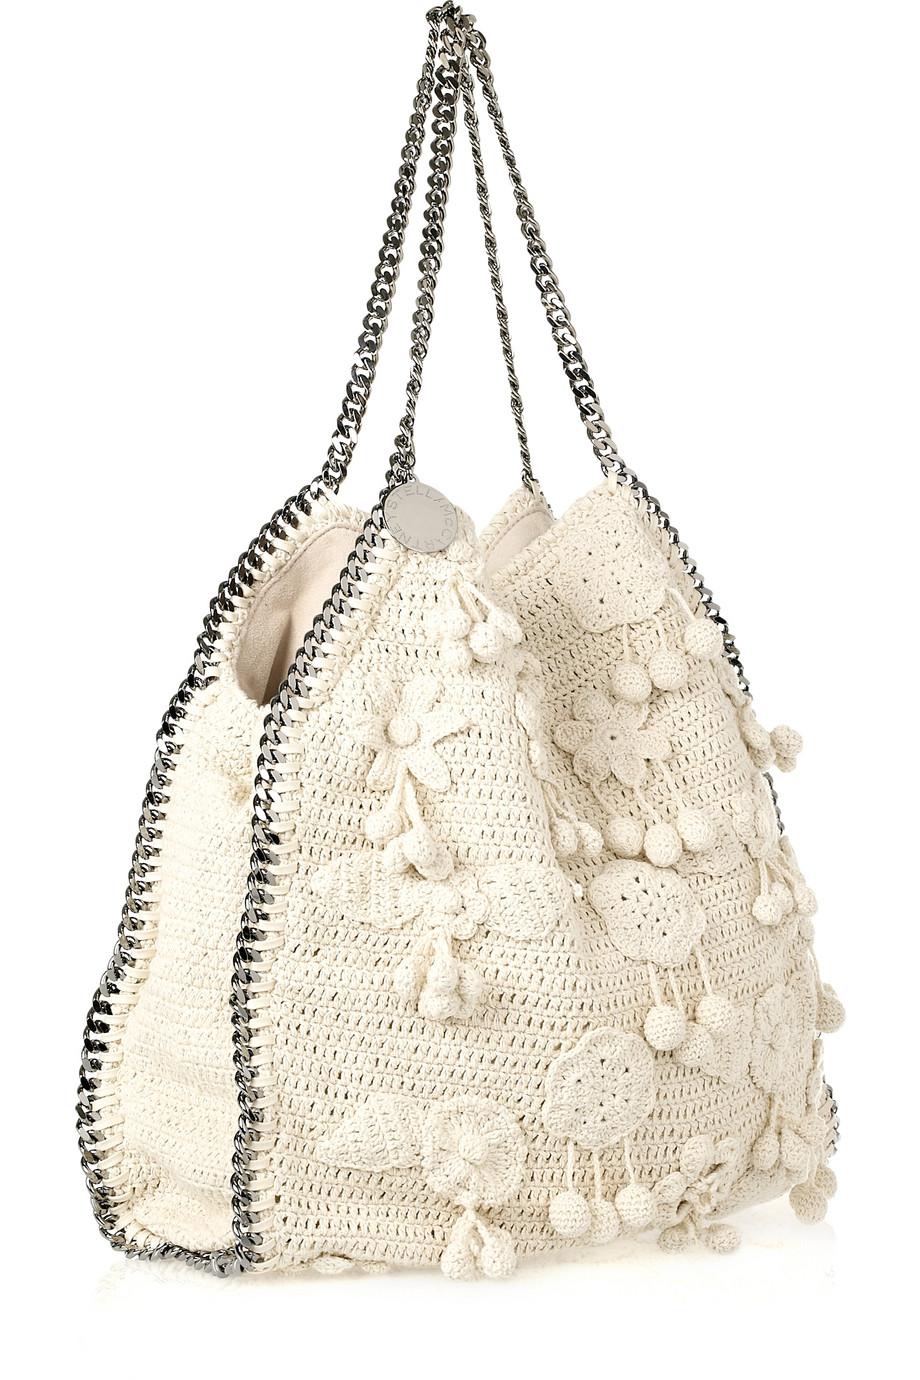 lyst stella mccartney falabella large crochet bag in natural. Black Bedroom Furniture Sets. Home Design Ideas